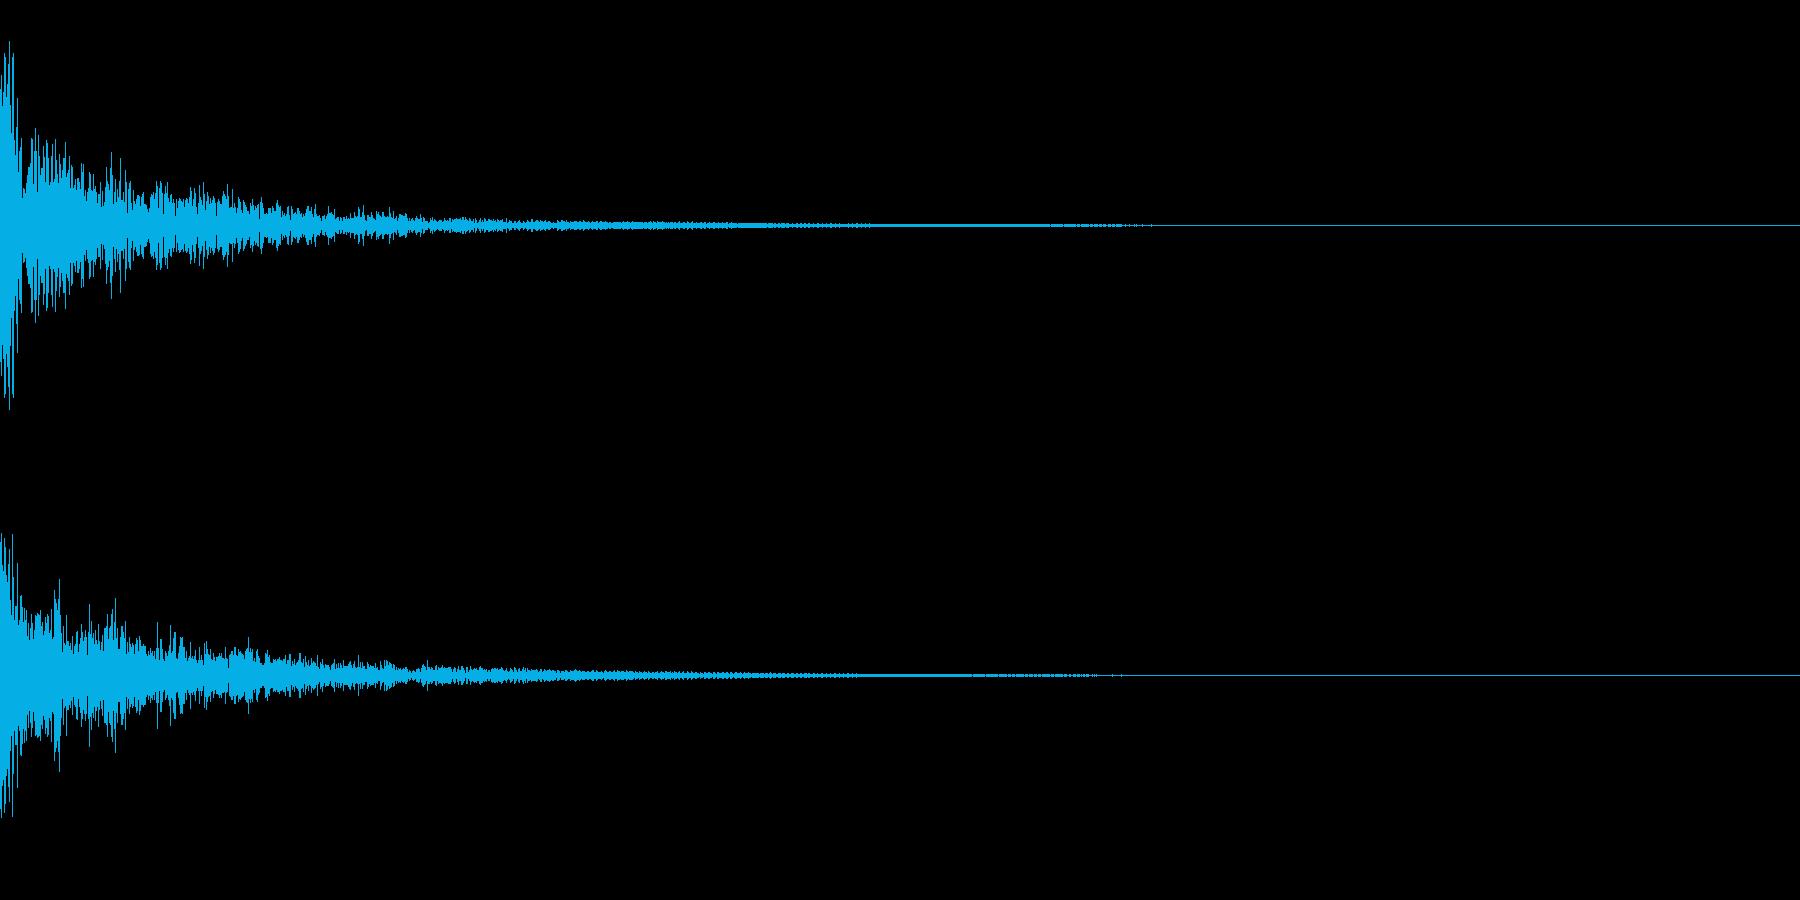 ドーン!↑↓ティンパニピッチ操作リバーブの再生済みの波形